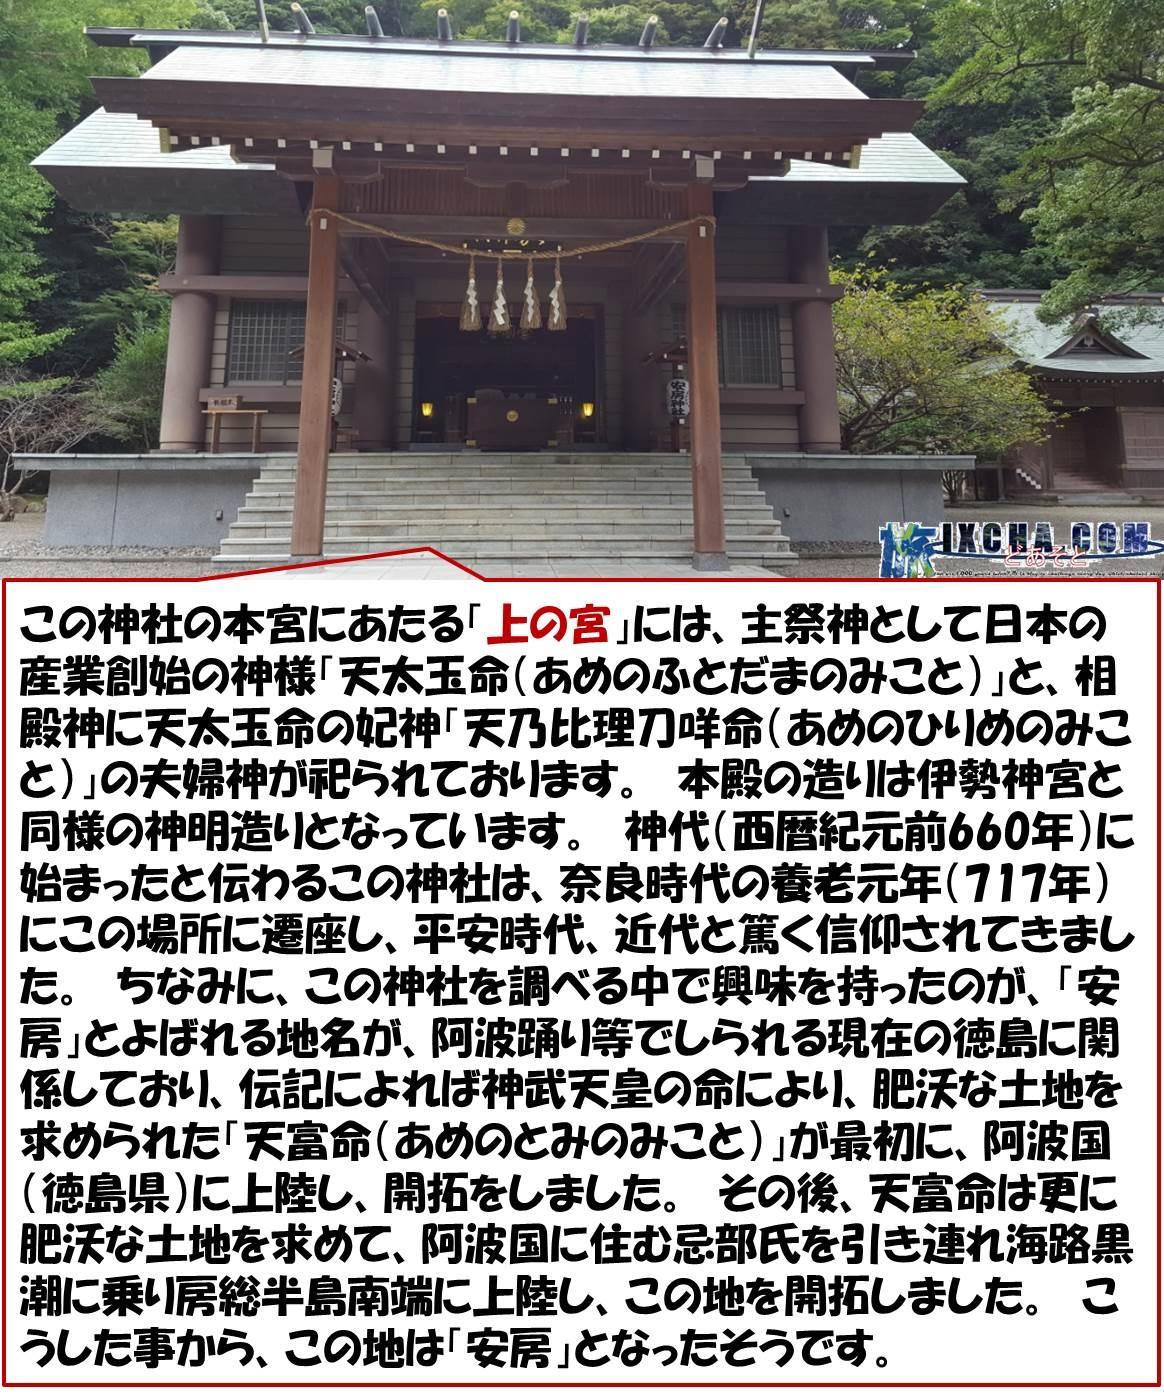 この神社の本宮にあたる「上の宮」には、主祭神として日本の産業創始の神様「天太玉命(あめのふとだまのみこと)」と、相殿神に天太玉命の妃神「天乃比理刀咩命(あめのひりめのみこと)」の夫婦神が祀られております。 本殿の造りは伊勢神宮と同様の神明造りとなっています。 神代(西暦紀元前660年)に始まったと伝わるこの神社は、奈良時代の養老元年(717年)にこの場所に遷座し、平安時代、近代と篤く信仰されてきました。 ちなみに、この神社を調べる中で興味を持ったのが、「安房」とよばれる地名が、阿波踊り等でしられる現在の徳島に関係しており、伝記によれば神武天皇の命により、肥沃な土地を求められた「天富命(あめのとみのみこと)」が最初に、阿波国(徳島県)に上陸し、開拓をしました。 その後、天富命は更に肥沃な土地を求めて、阿波国に住む忌部氏を引き連れ海路黒潮に乗り房総半島南端に上陸し、この地を開拓しました。 こうした事から、この地は「安房」となったそうです。